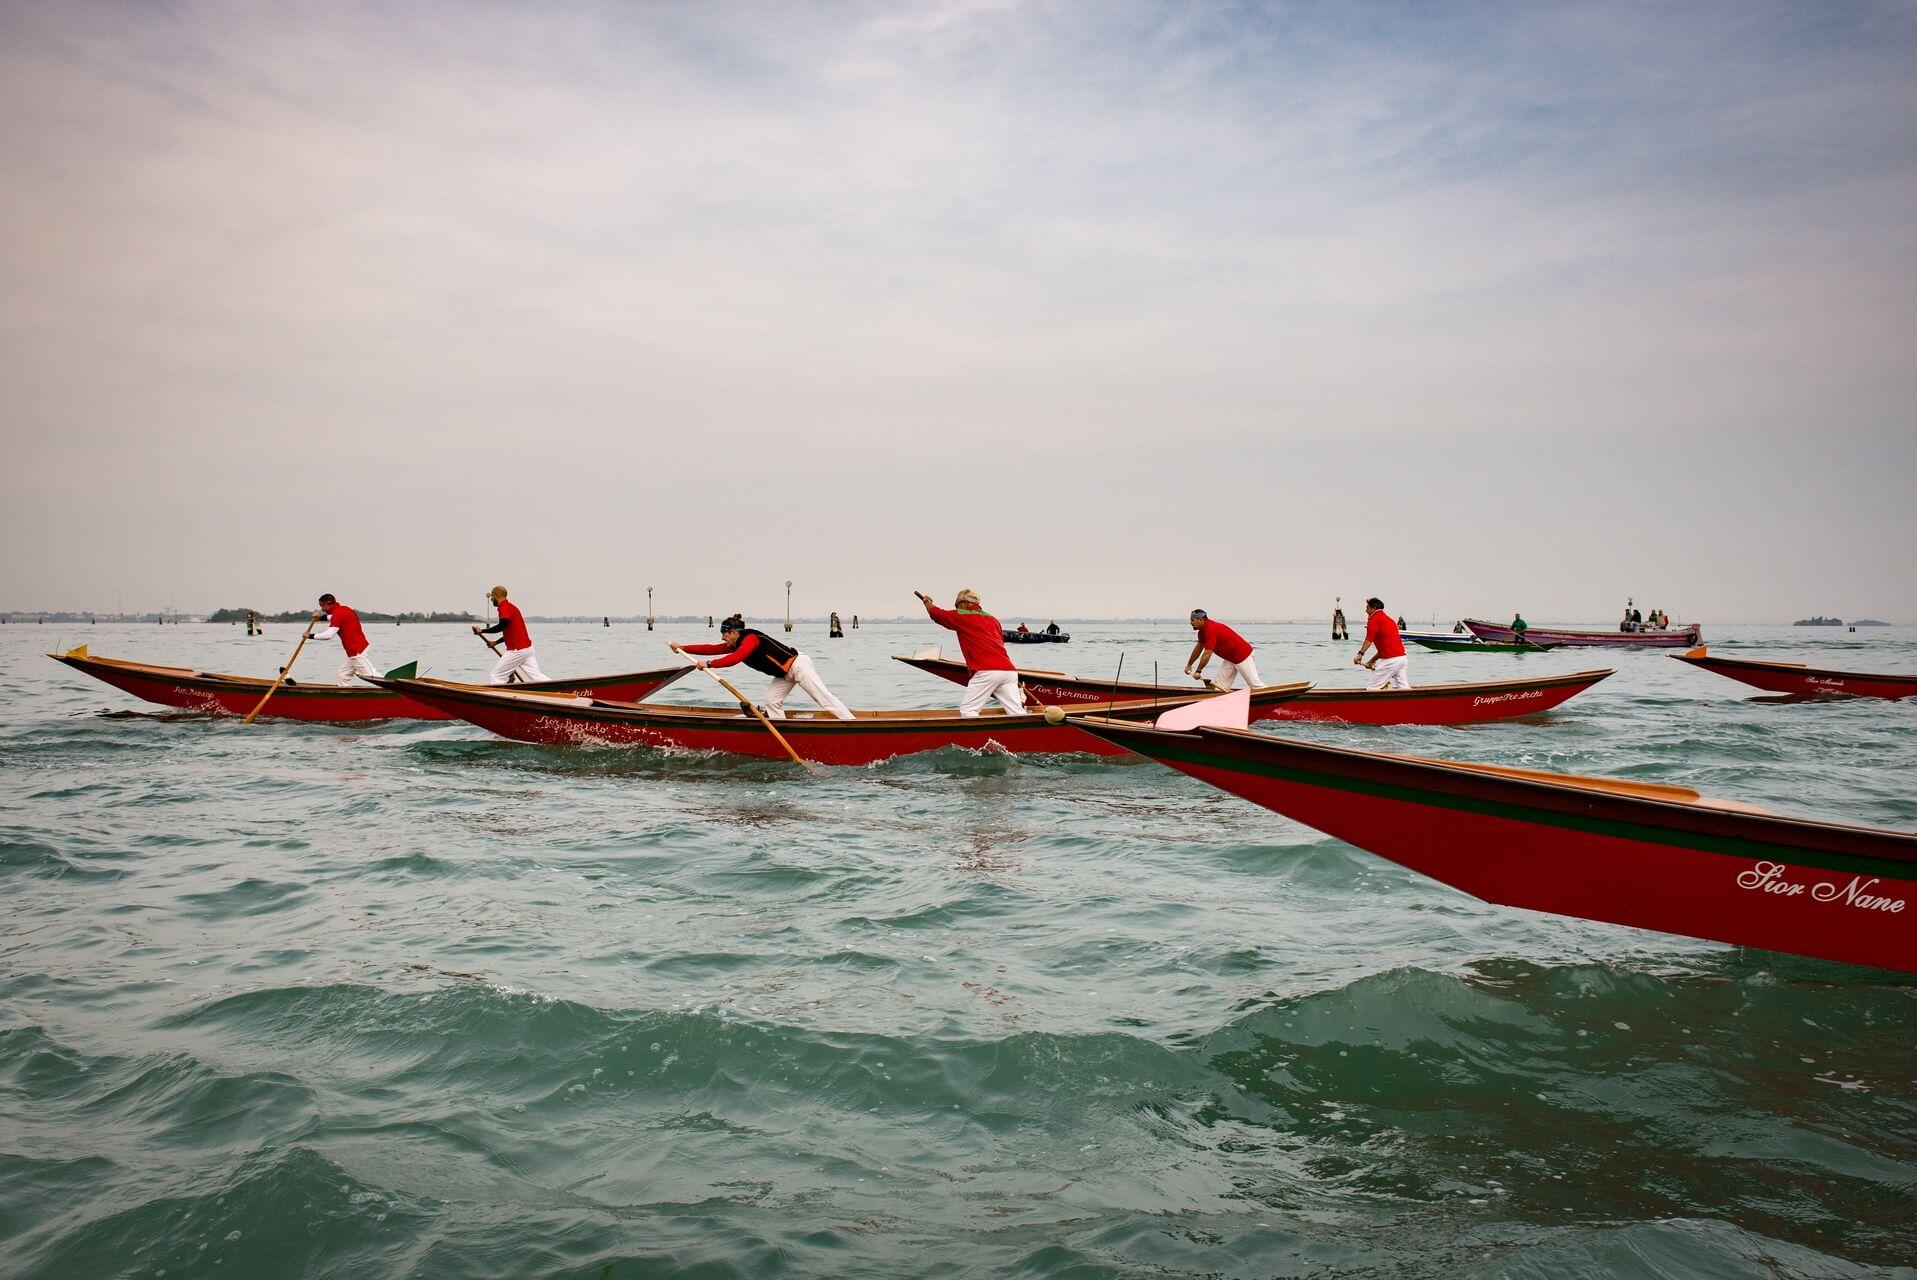 Italien: Laguna di Venezia, Fotograf: Steffen Lohse